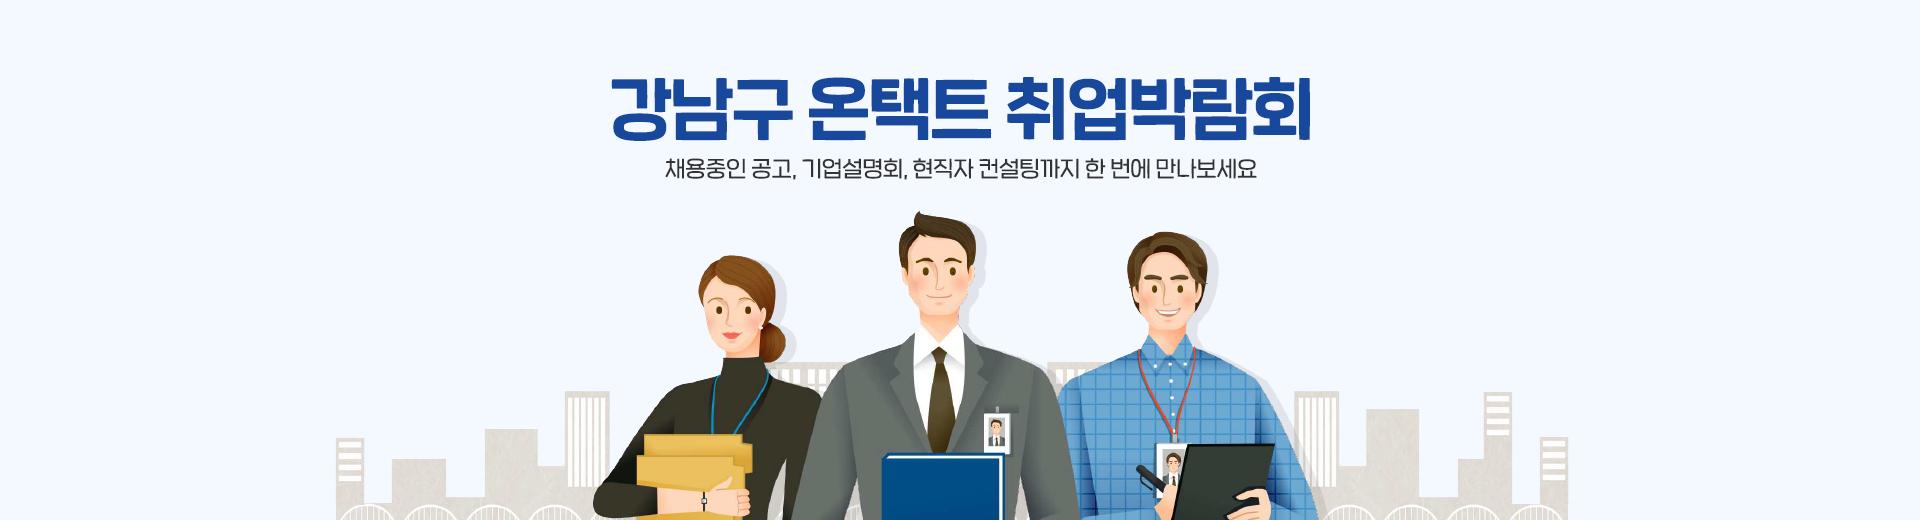 강남구 온택트 취업박람회